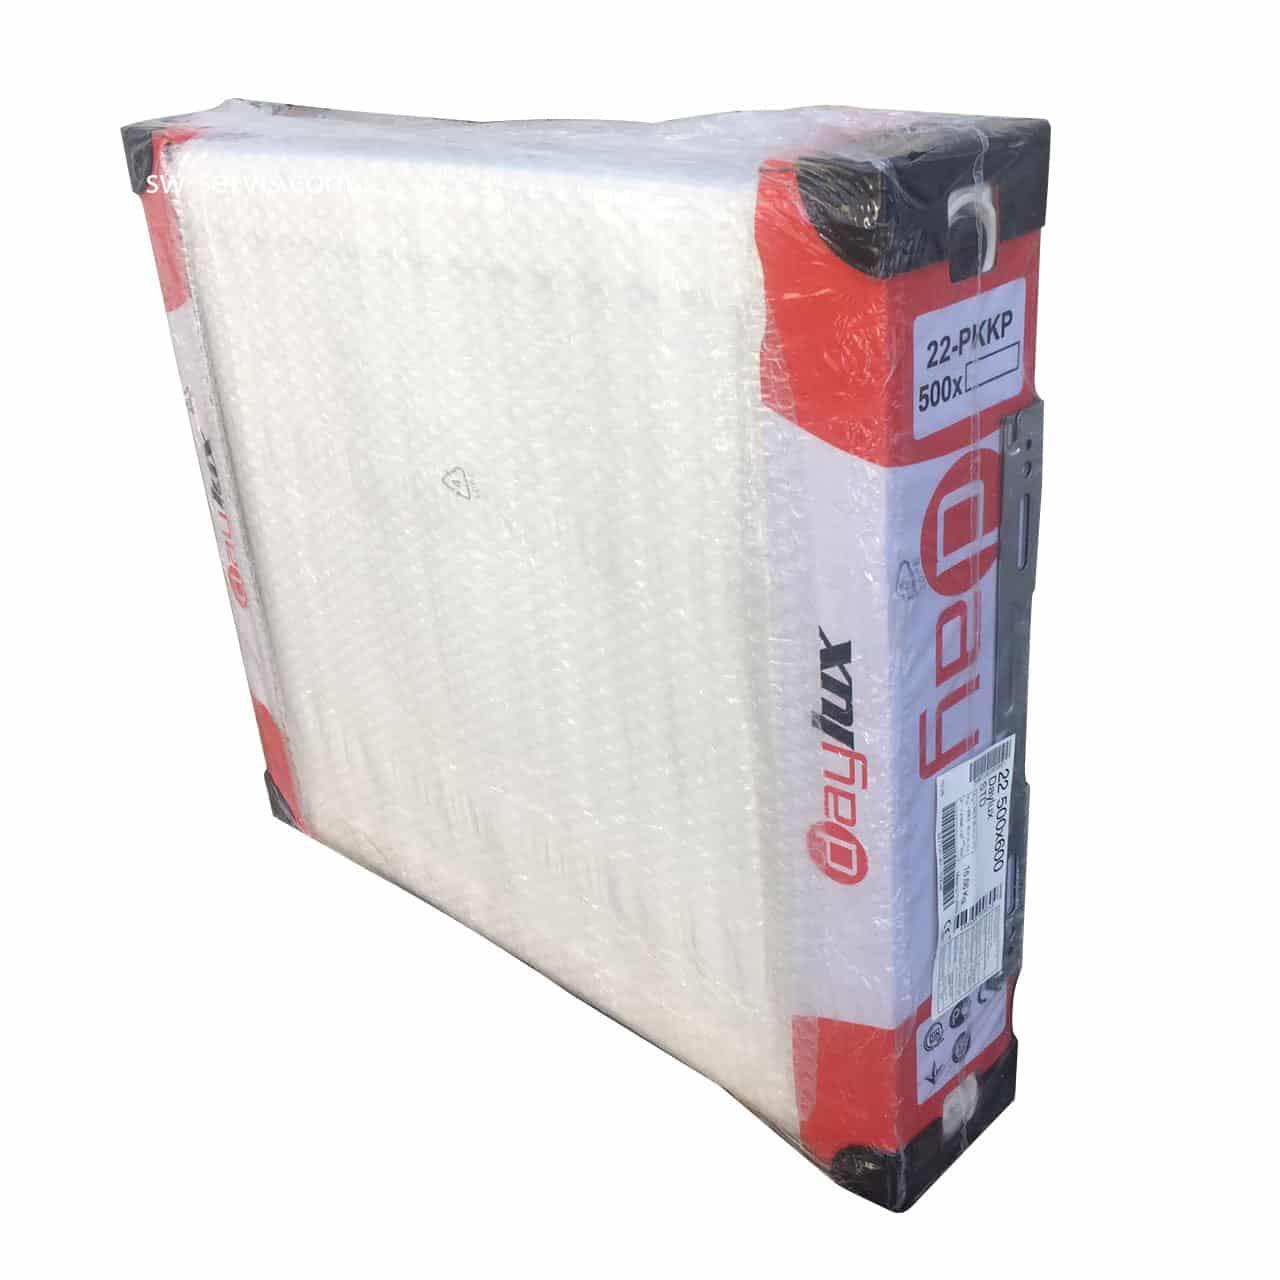 Сталевий радіатор тип 22 600*500 daylux